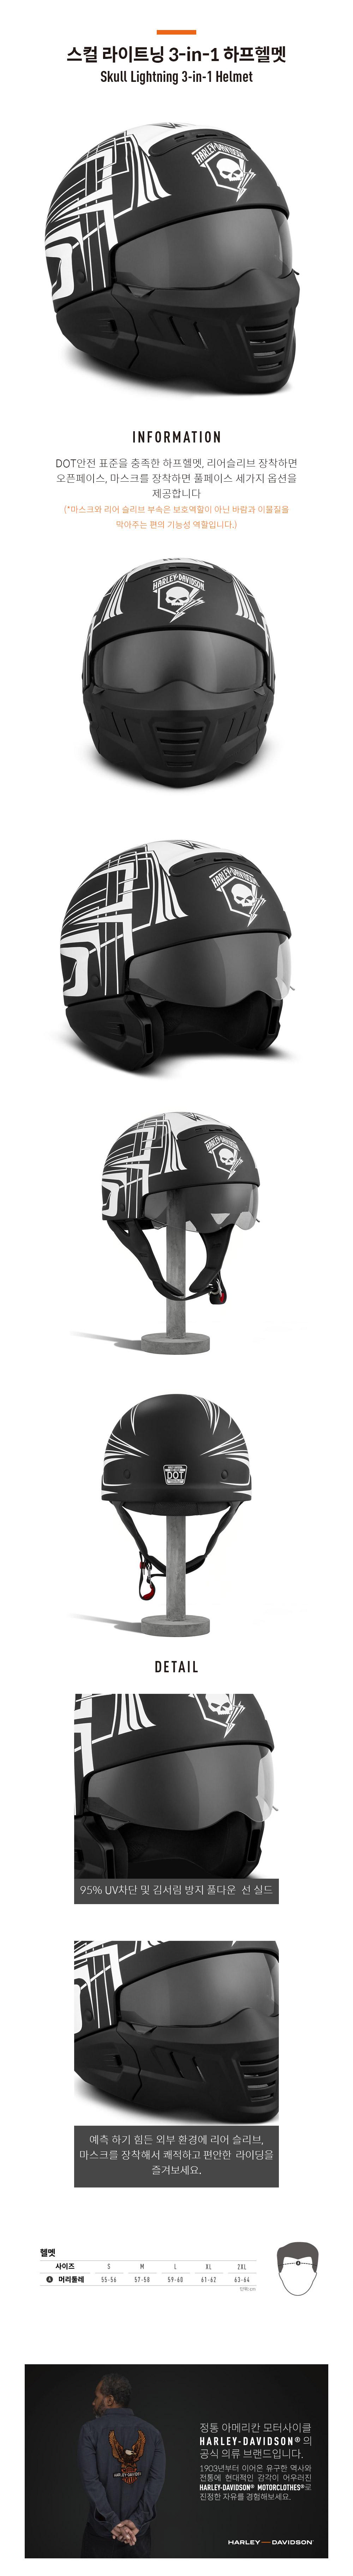 할리데이비슨 스컬 라이트닝 3-in-1 하프헬멧